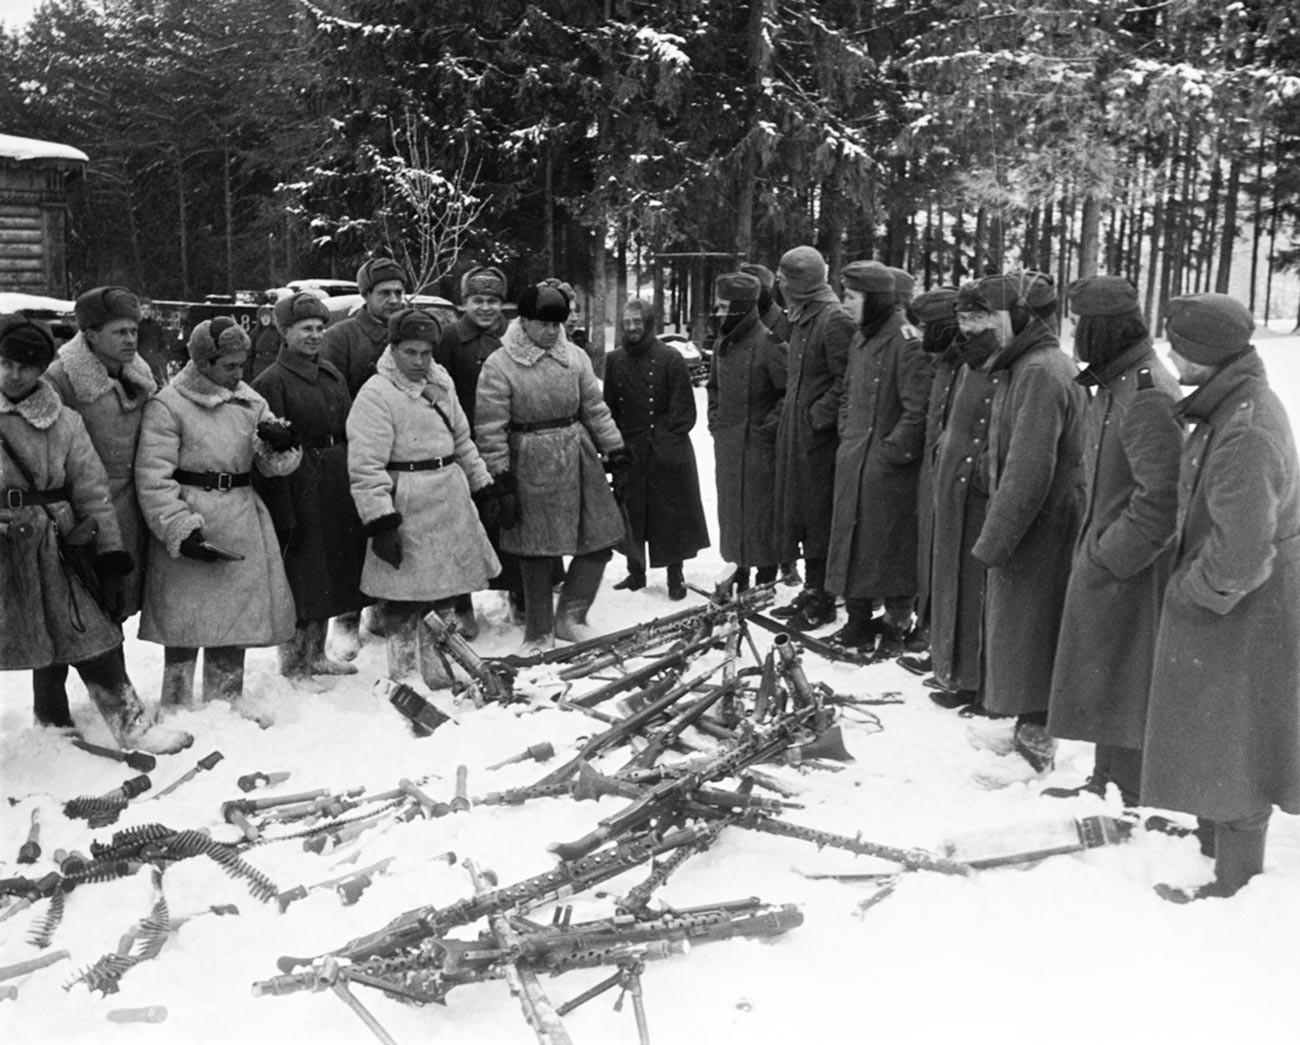 Die deutschen Soldaten geben ihre Waffen auf